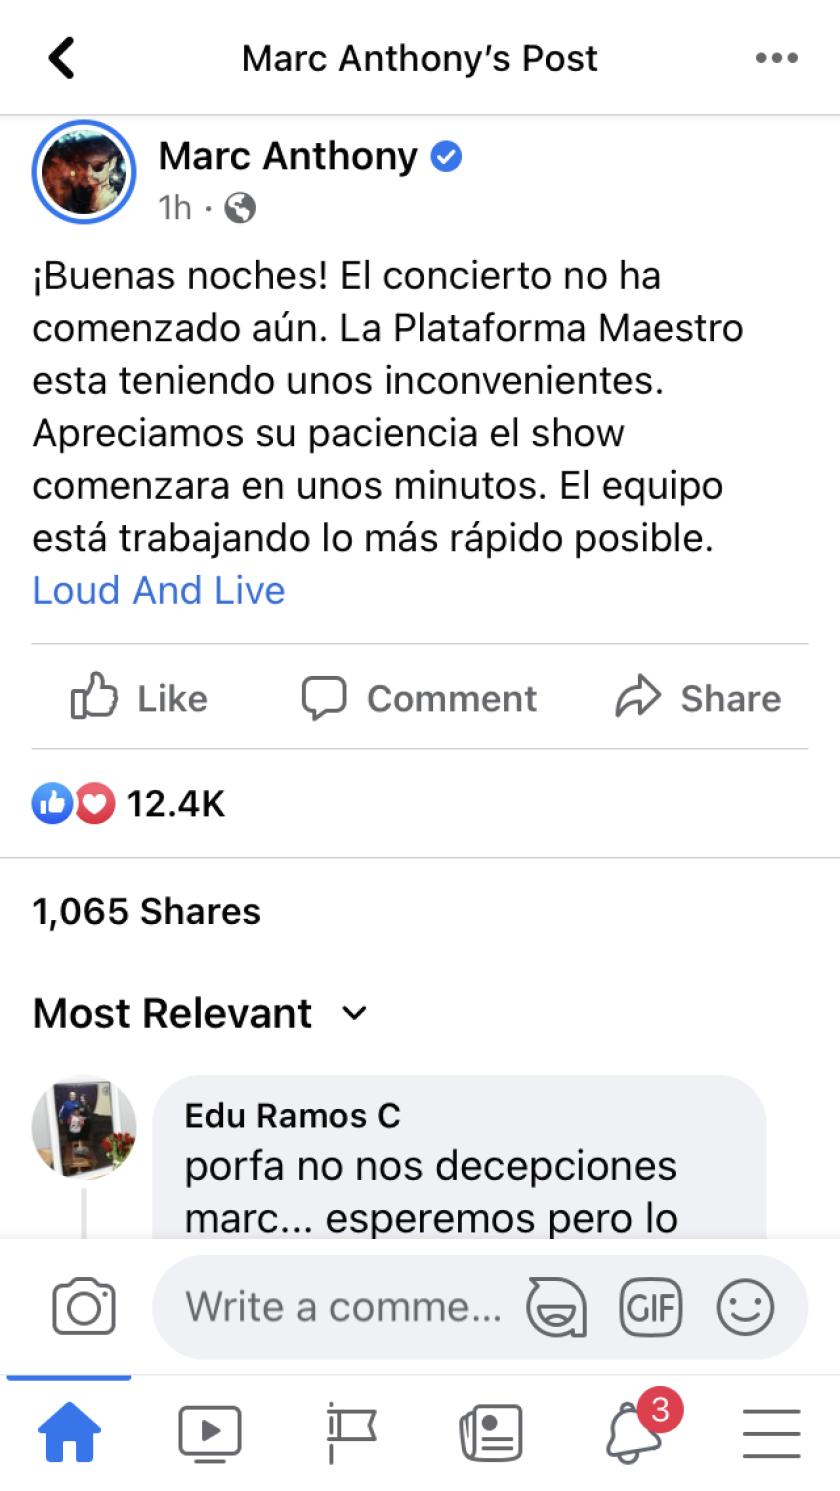 Este fue el comentario subido en Facebook y luego borrado.